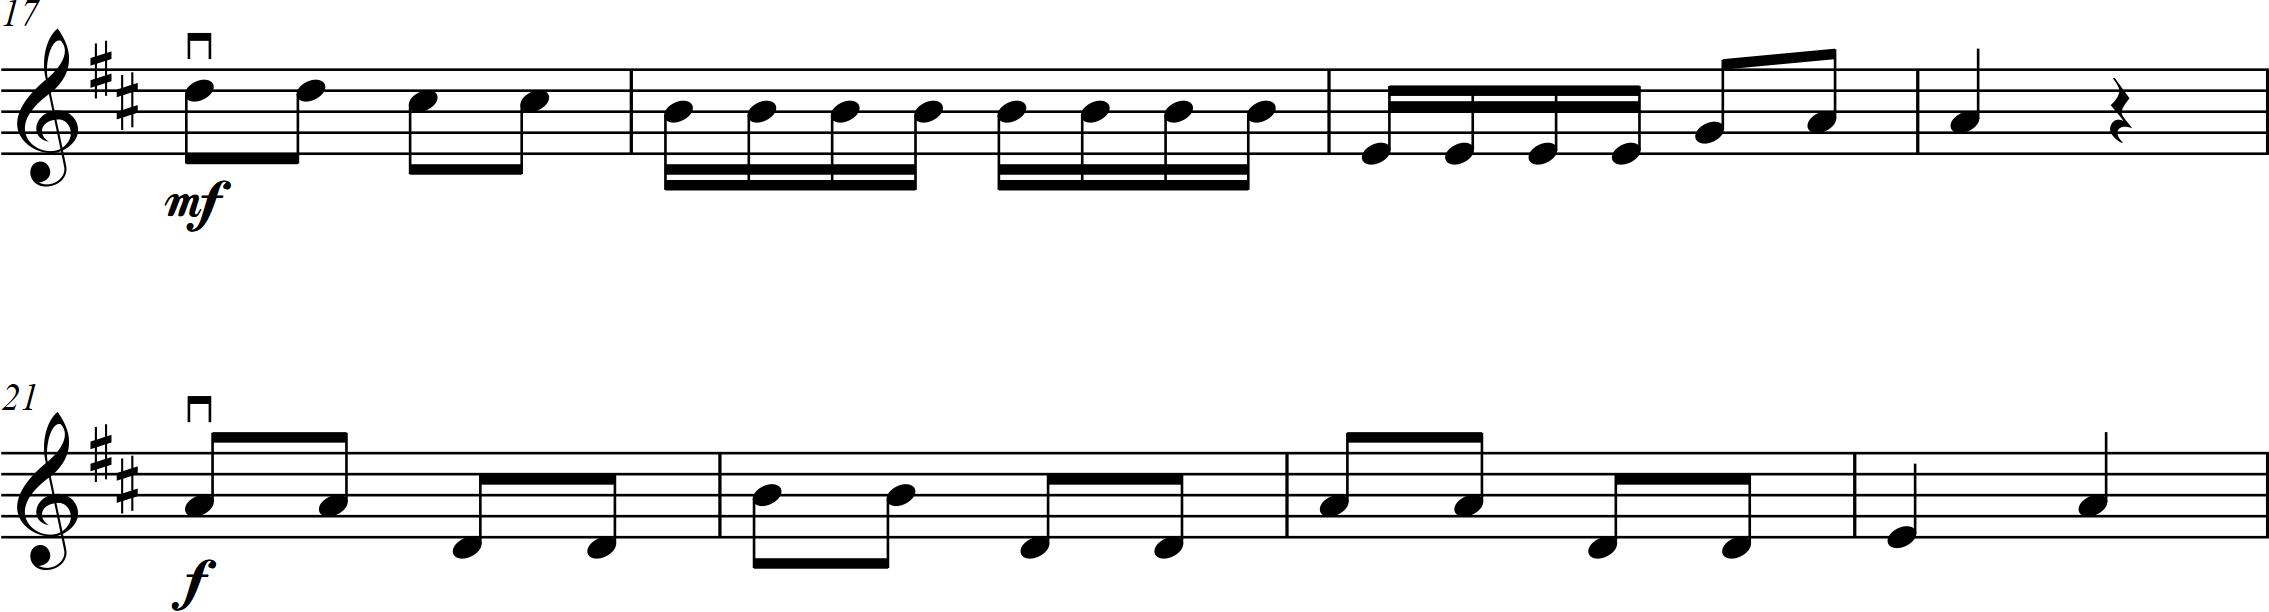 17. Busy bee - Violin